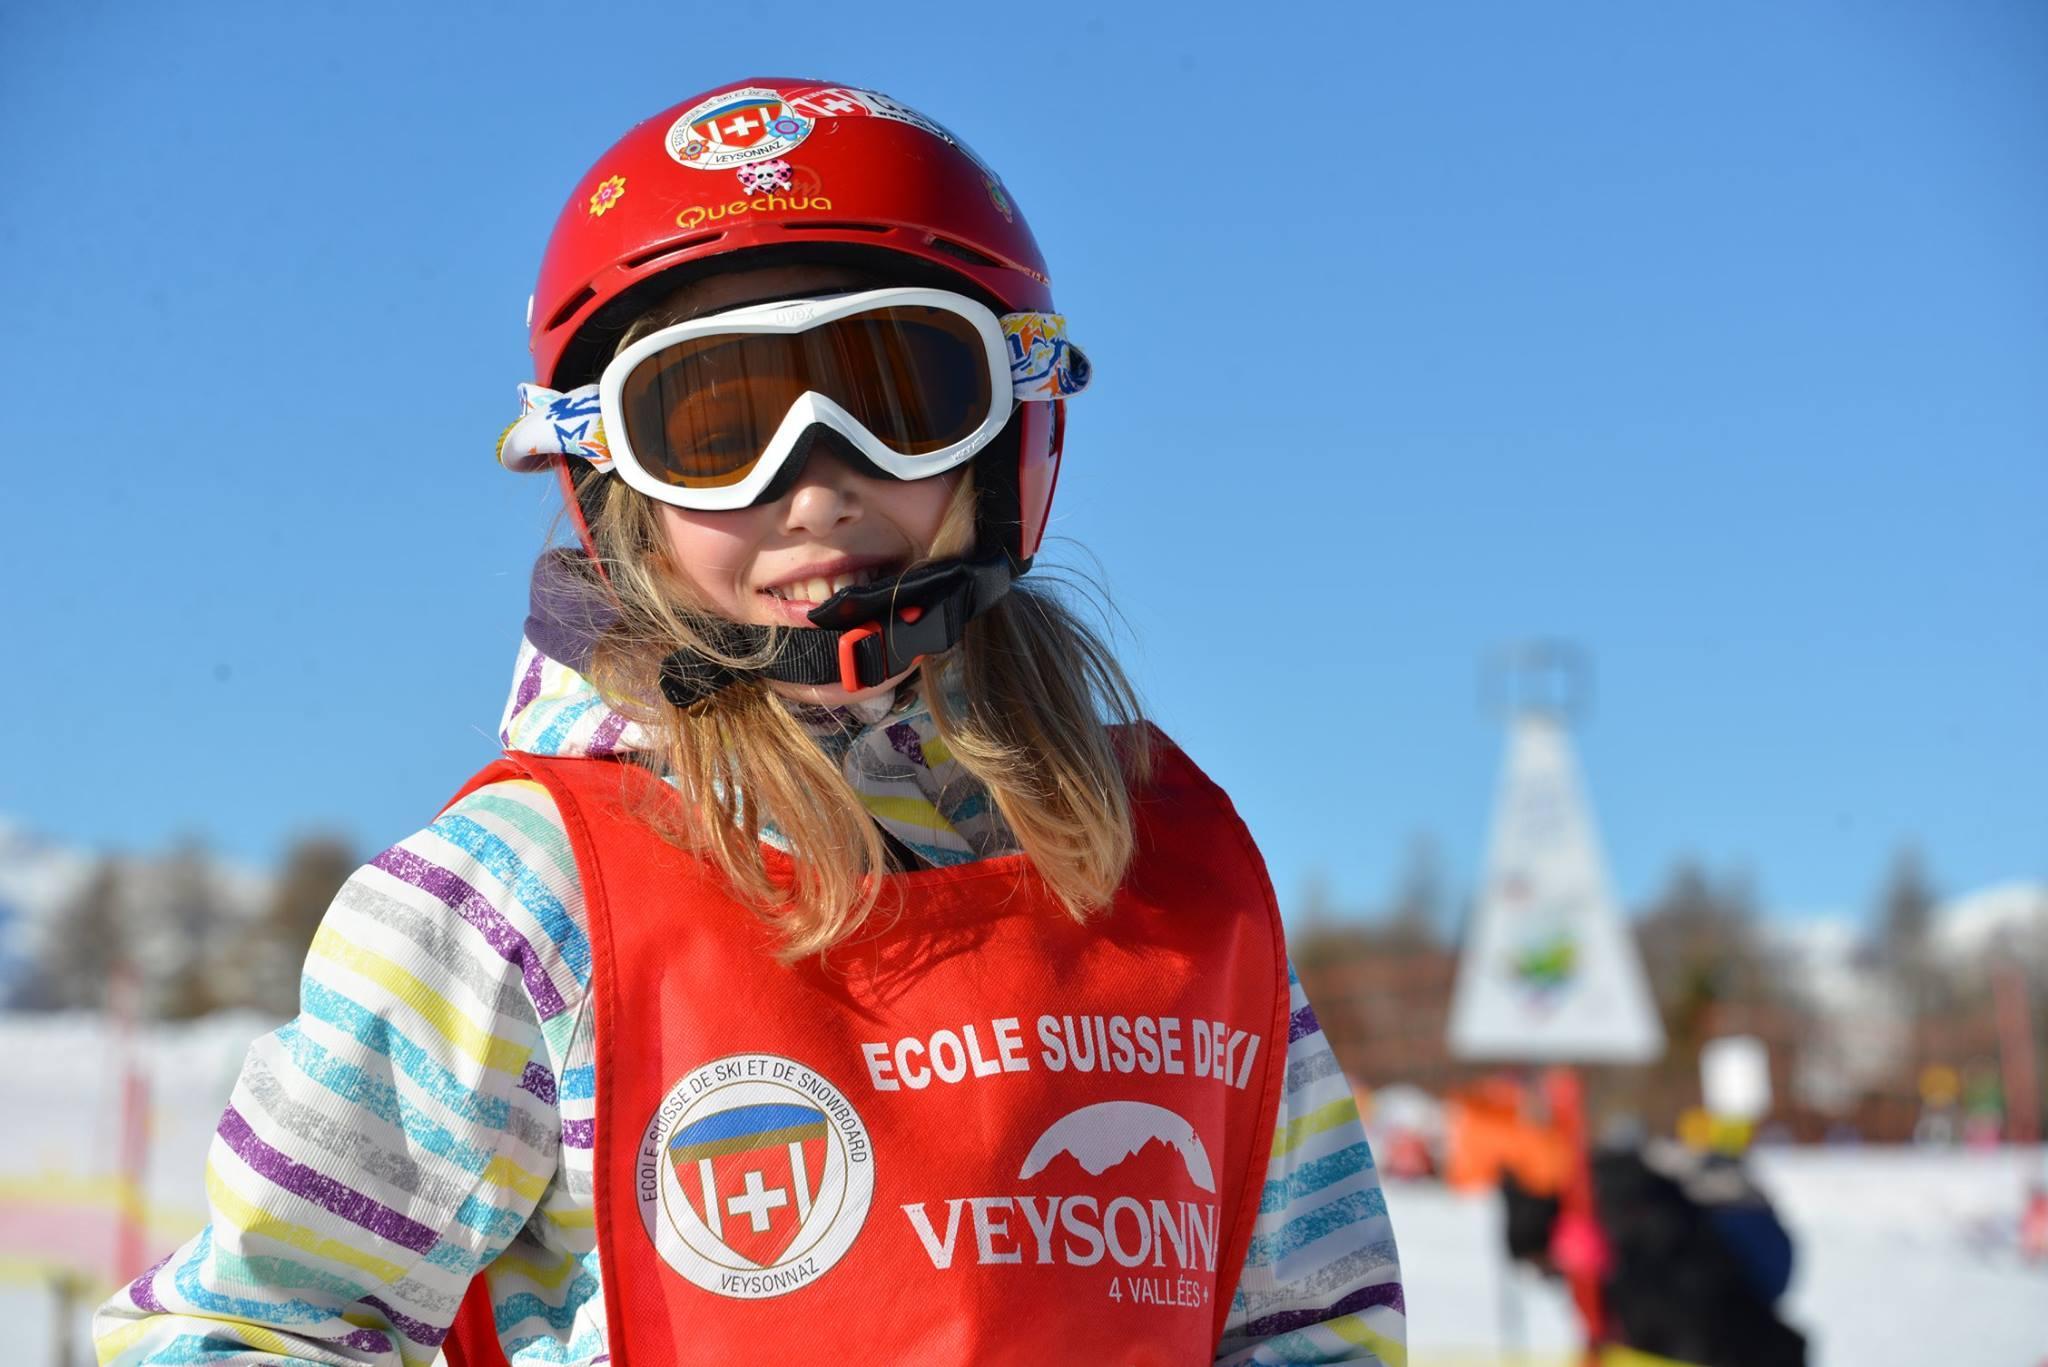 Premier Cours de ski Enfants (6-12 ans) - Journée